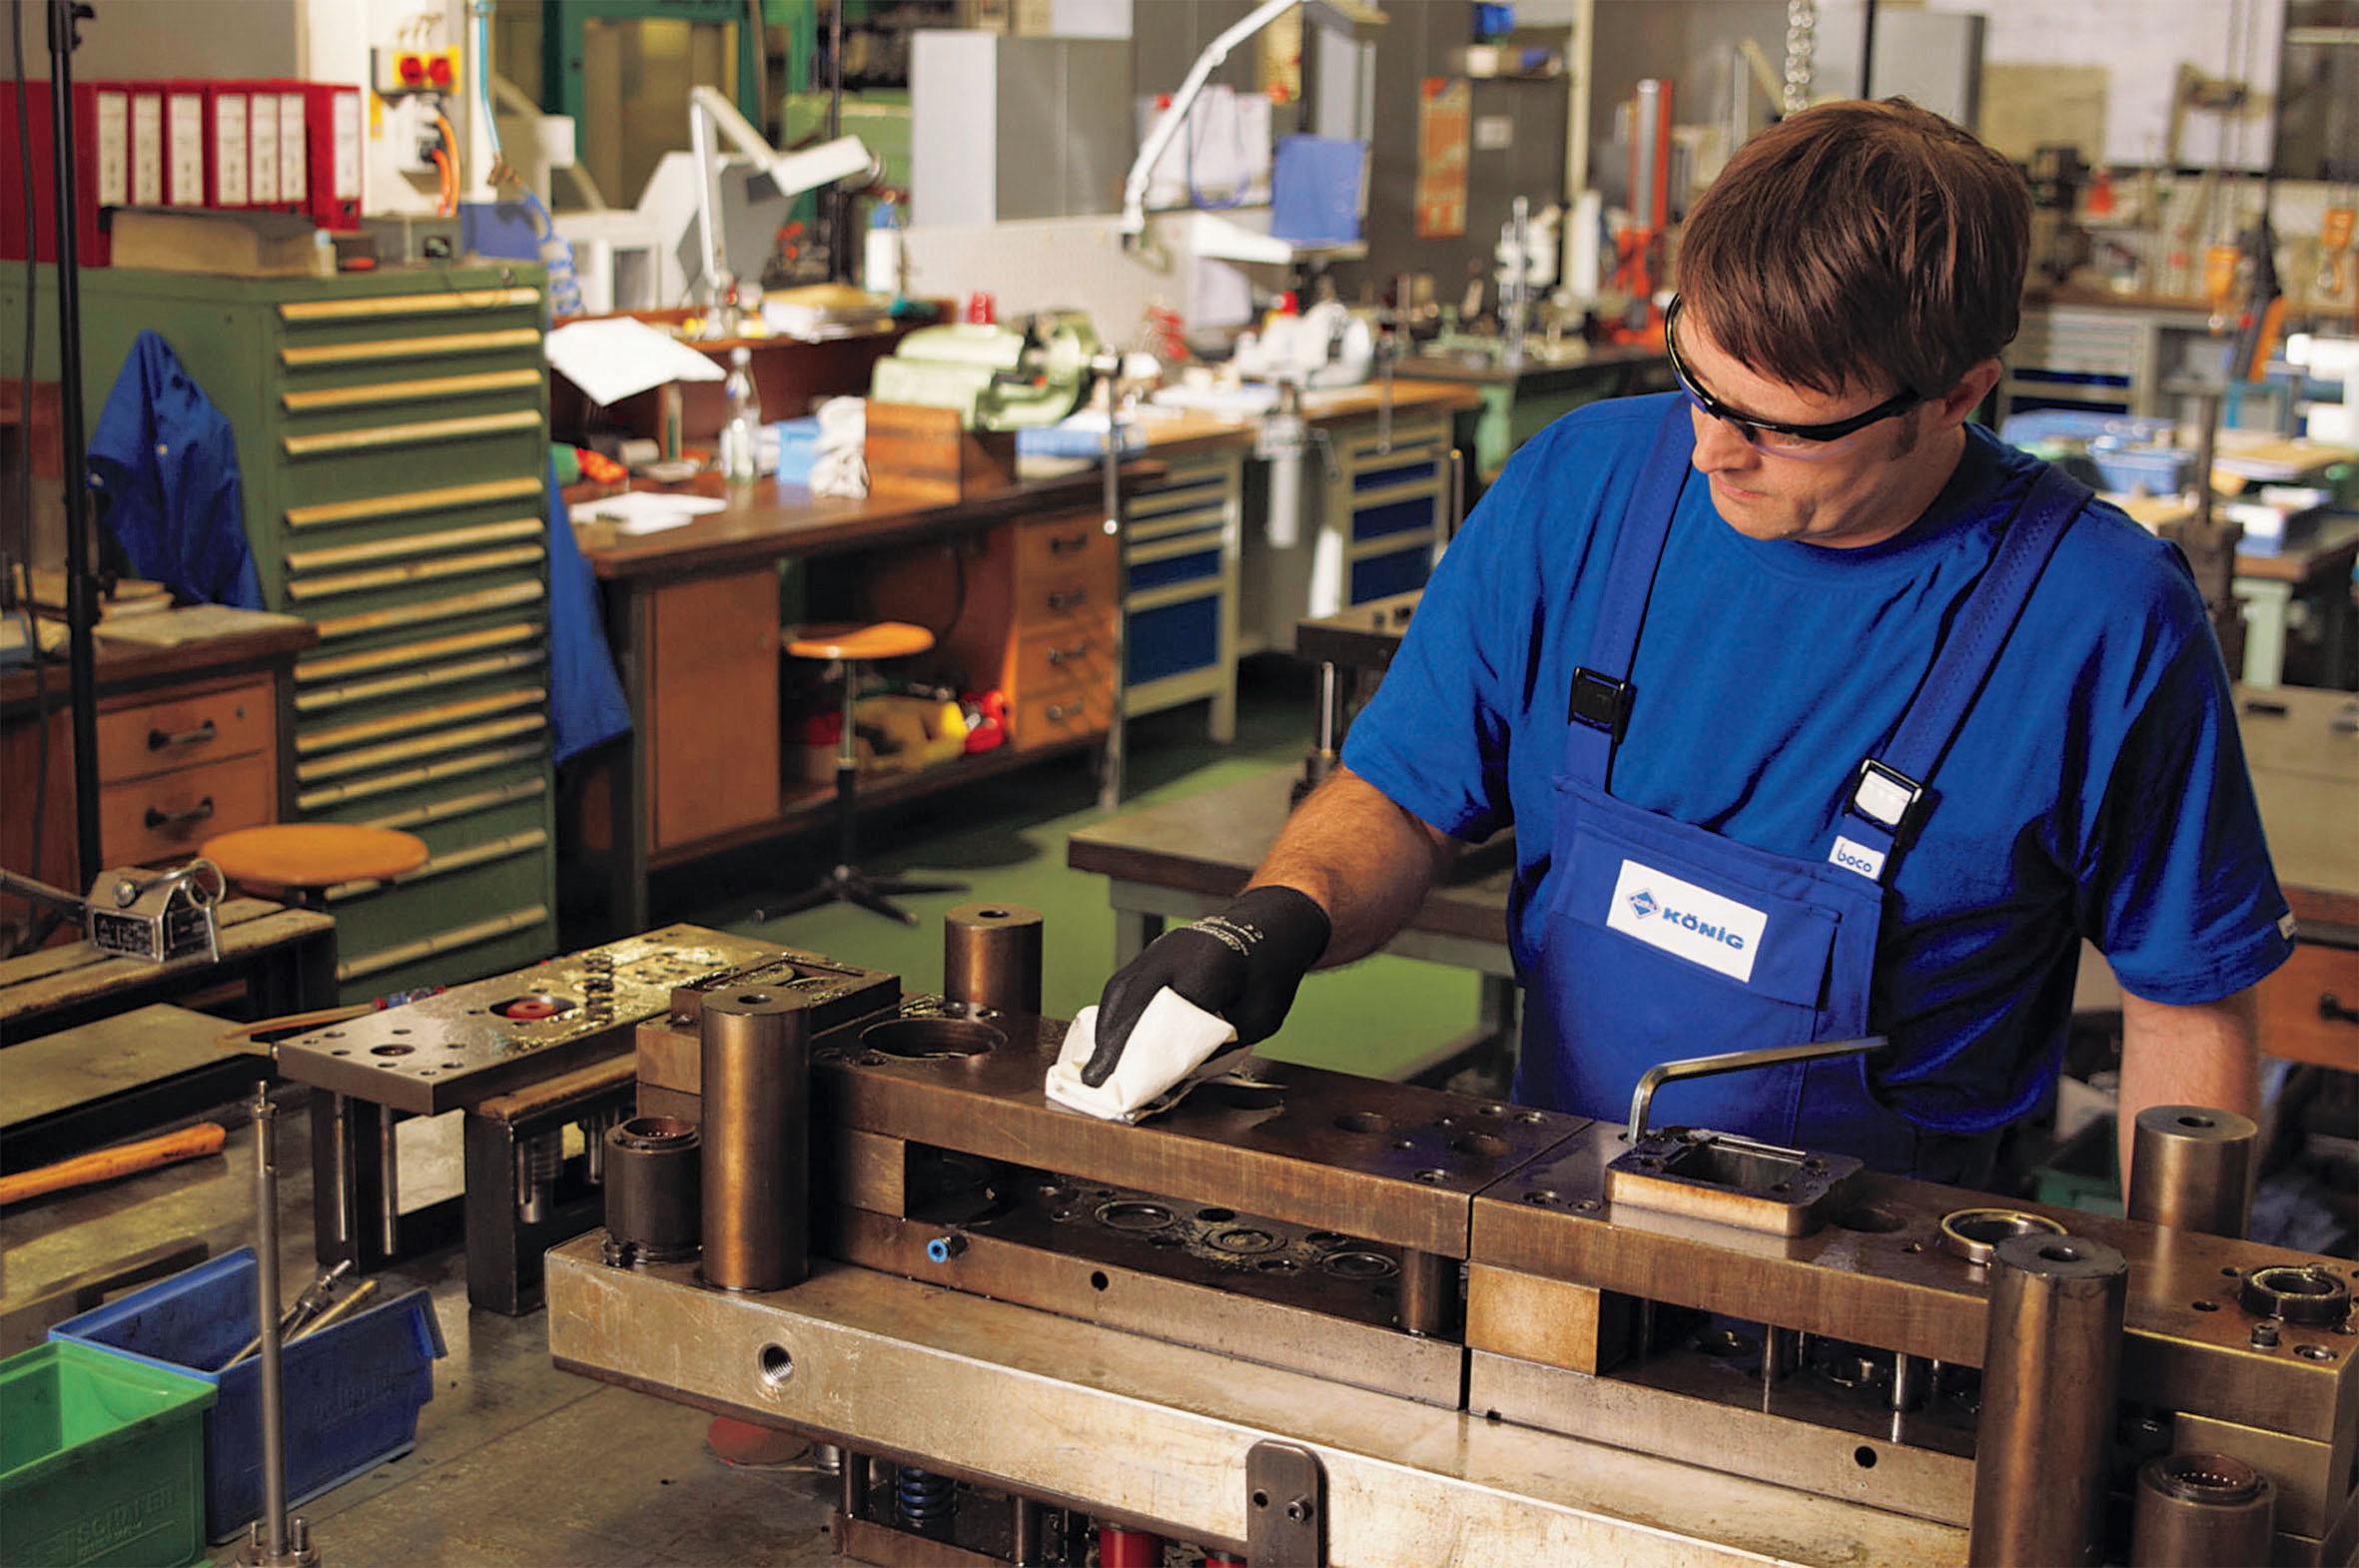 Le chiffon industriel réinventé Kimberly-Clark Professional